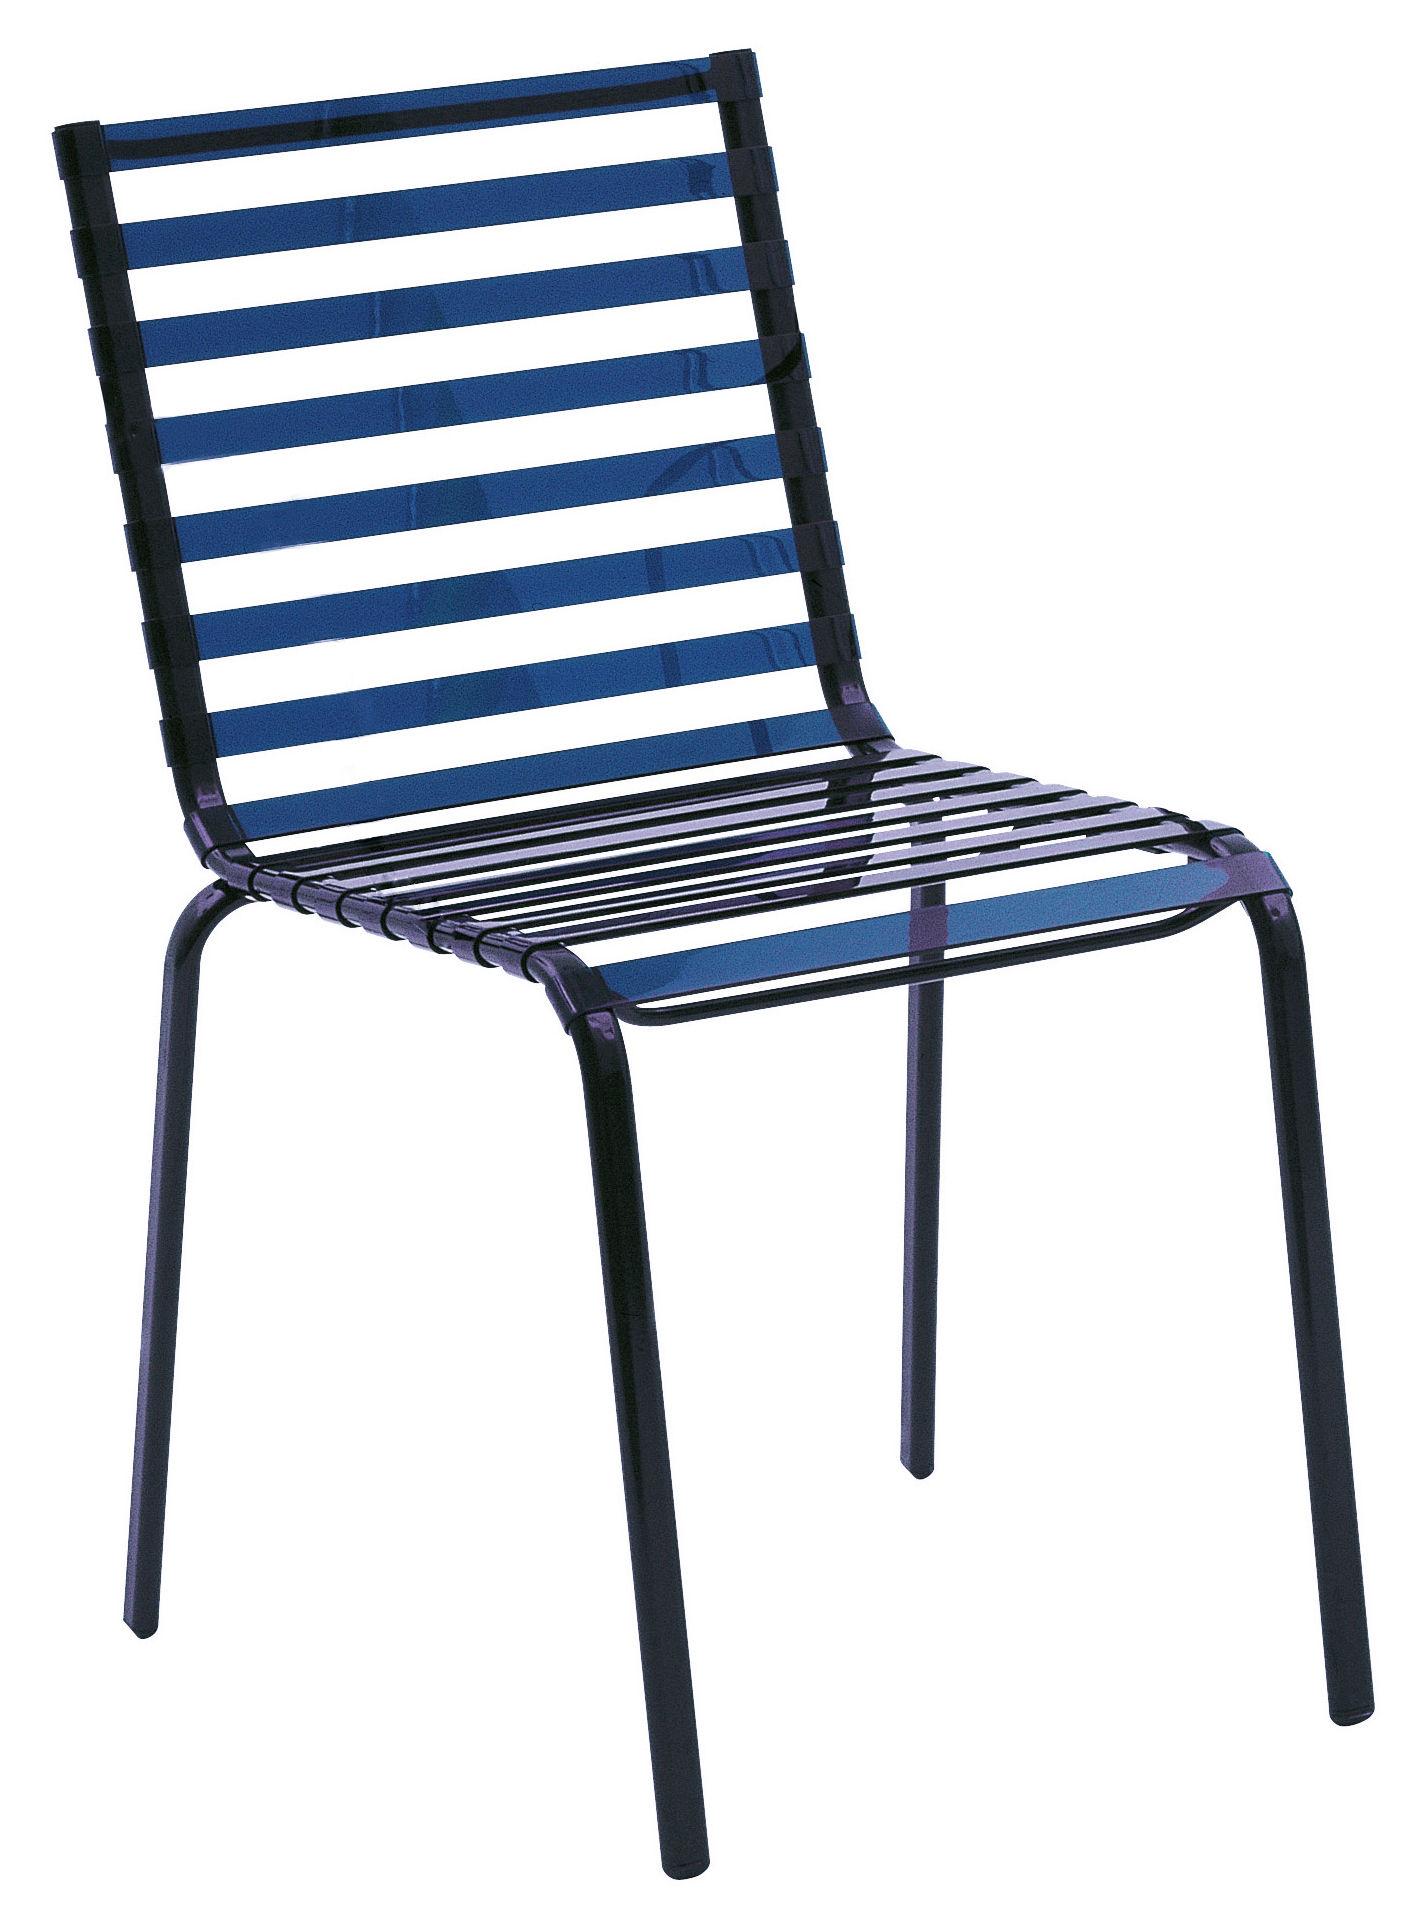 Arredamento - Sedie  - Sedia impilabile Striped di Magis - Blu - Acciaio verniciato, Poliammide